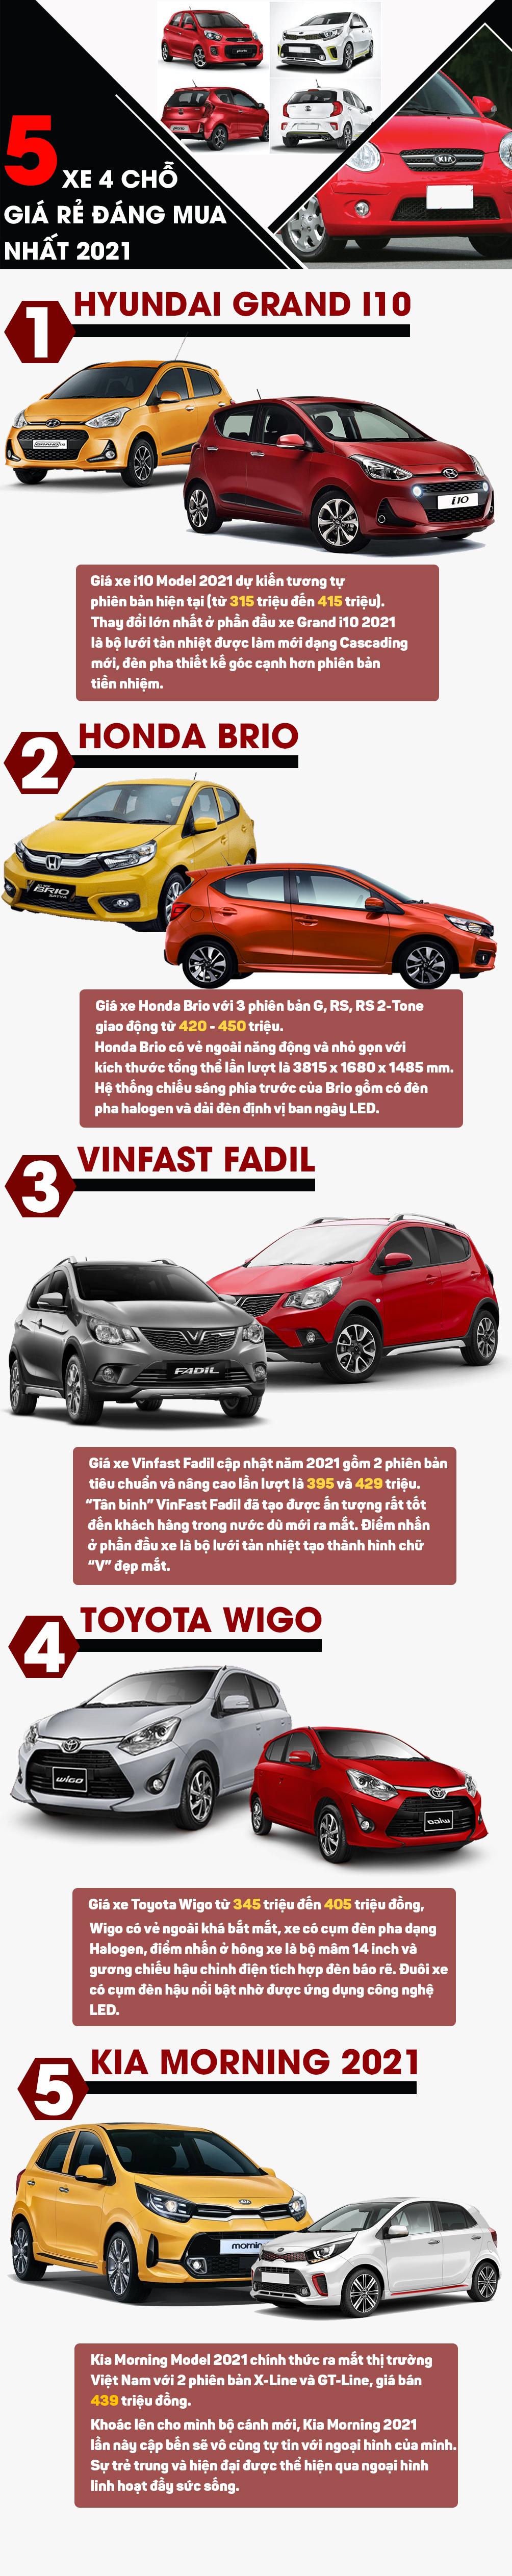 Đây là 5 dòng xe giá dưới 500 triệu đồng đáng mua nhất hiện nay - 1